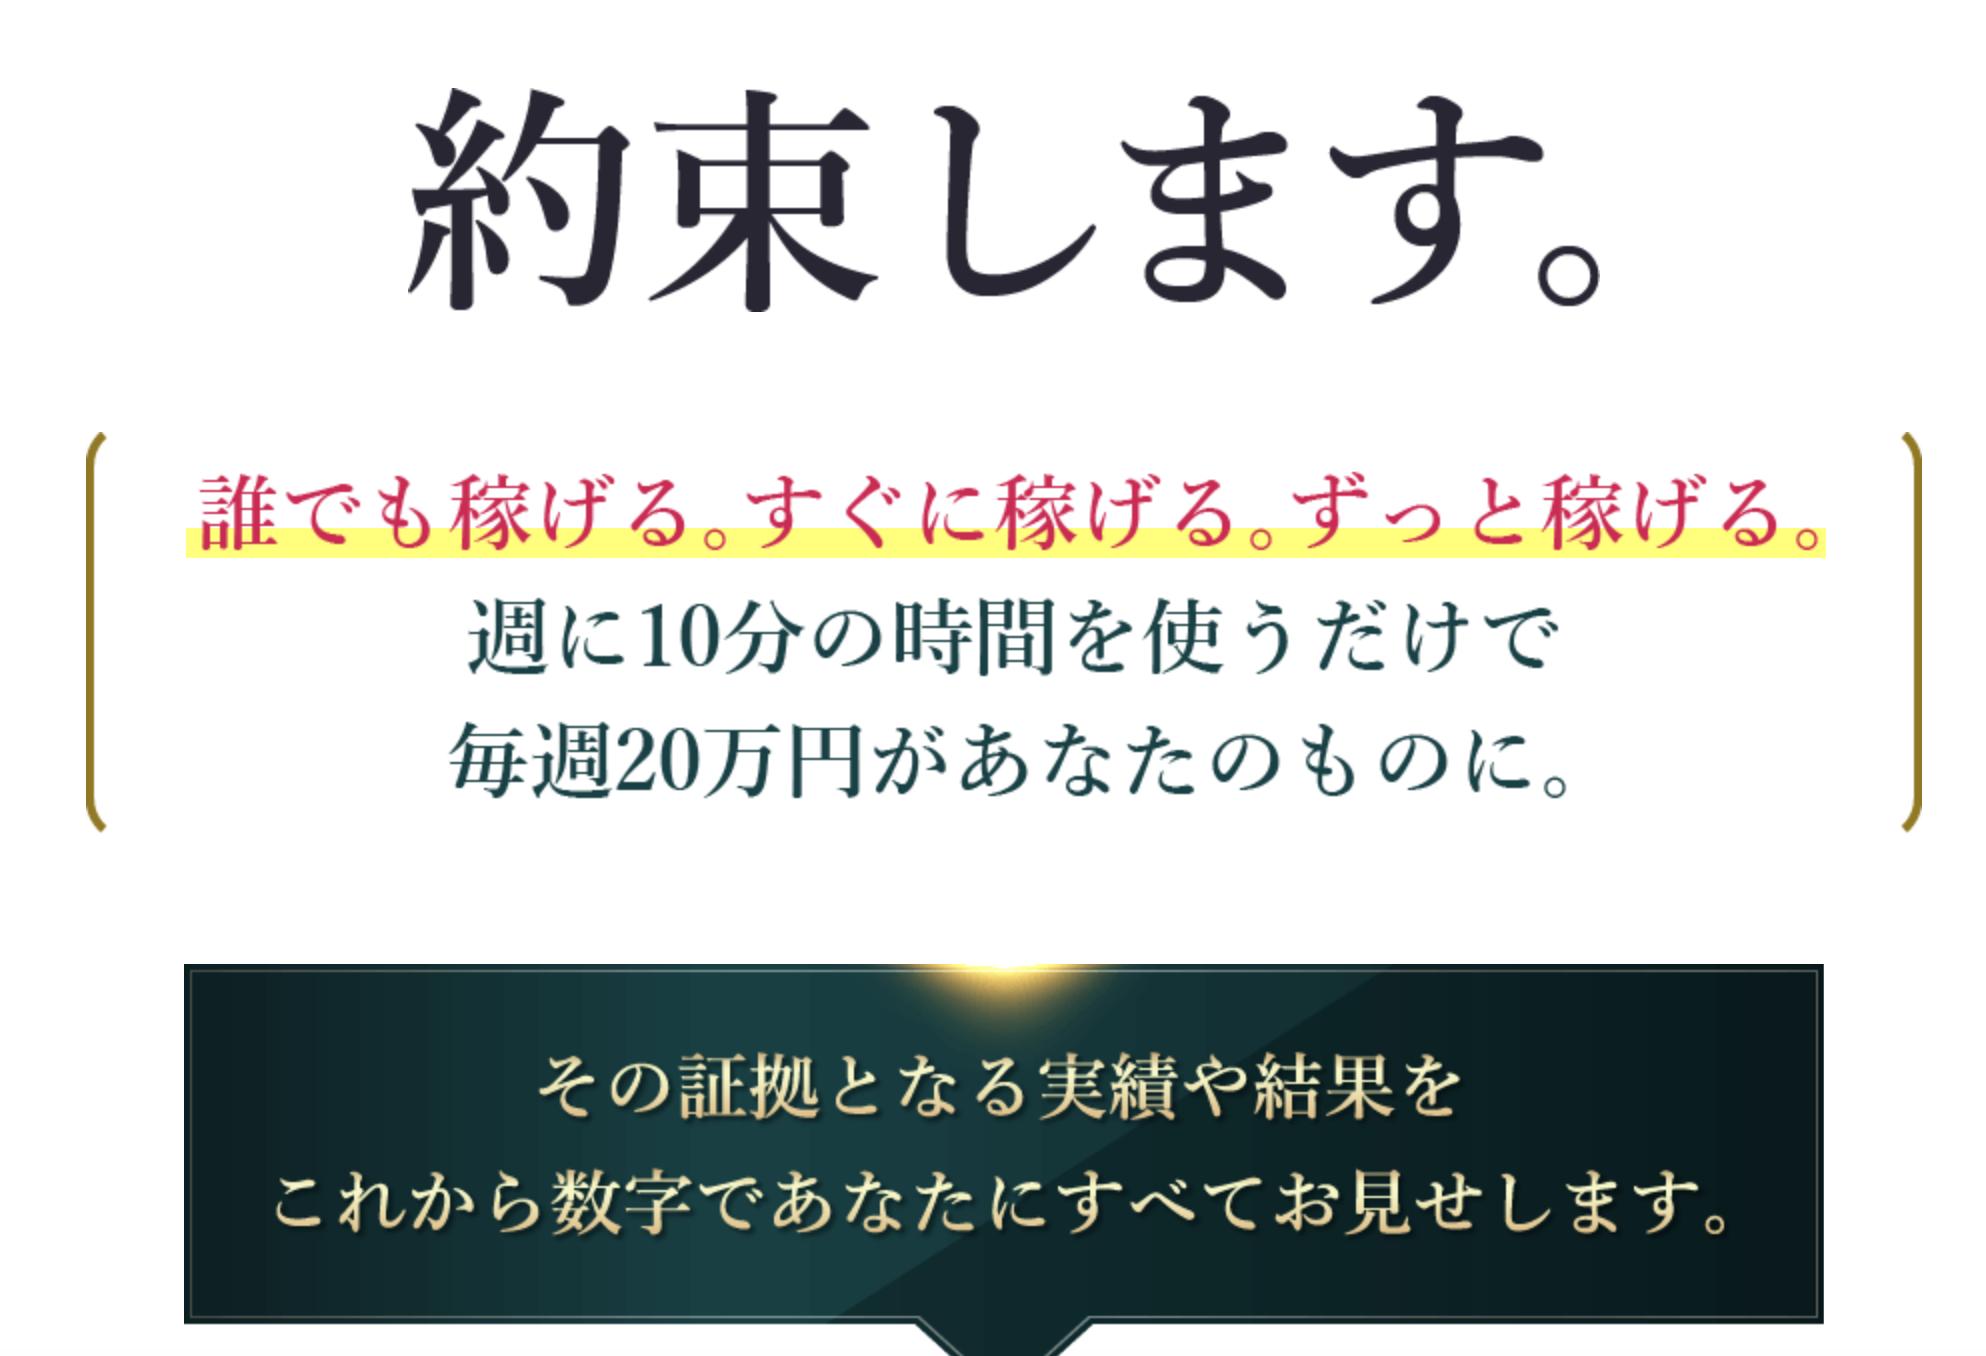 植田希一のVICTOR(ビクター)